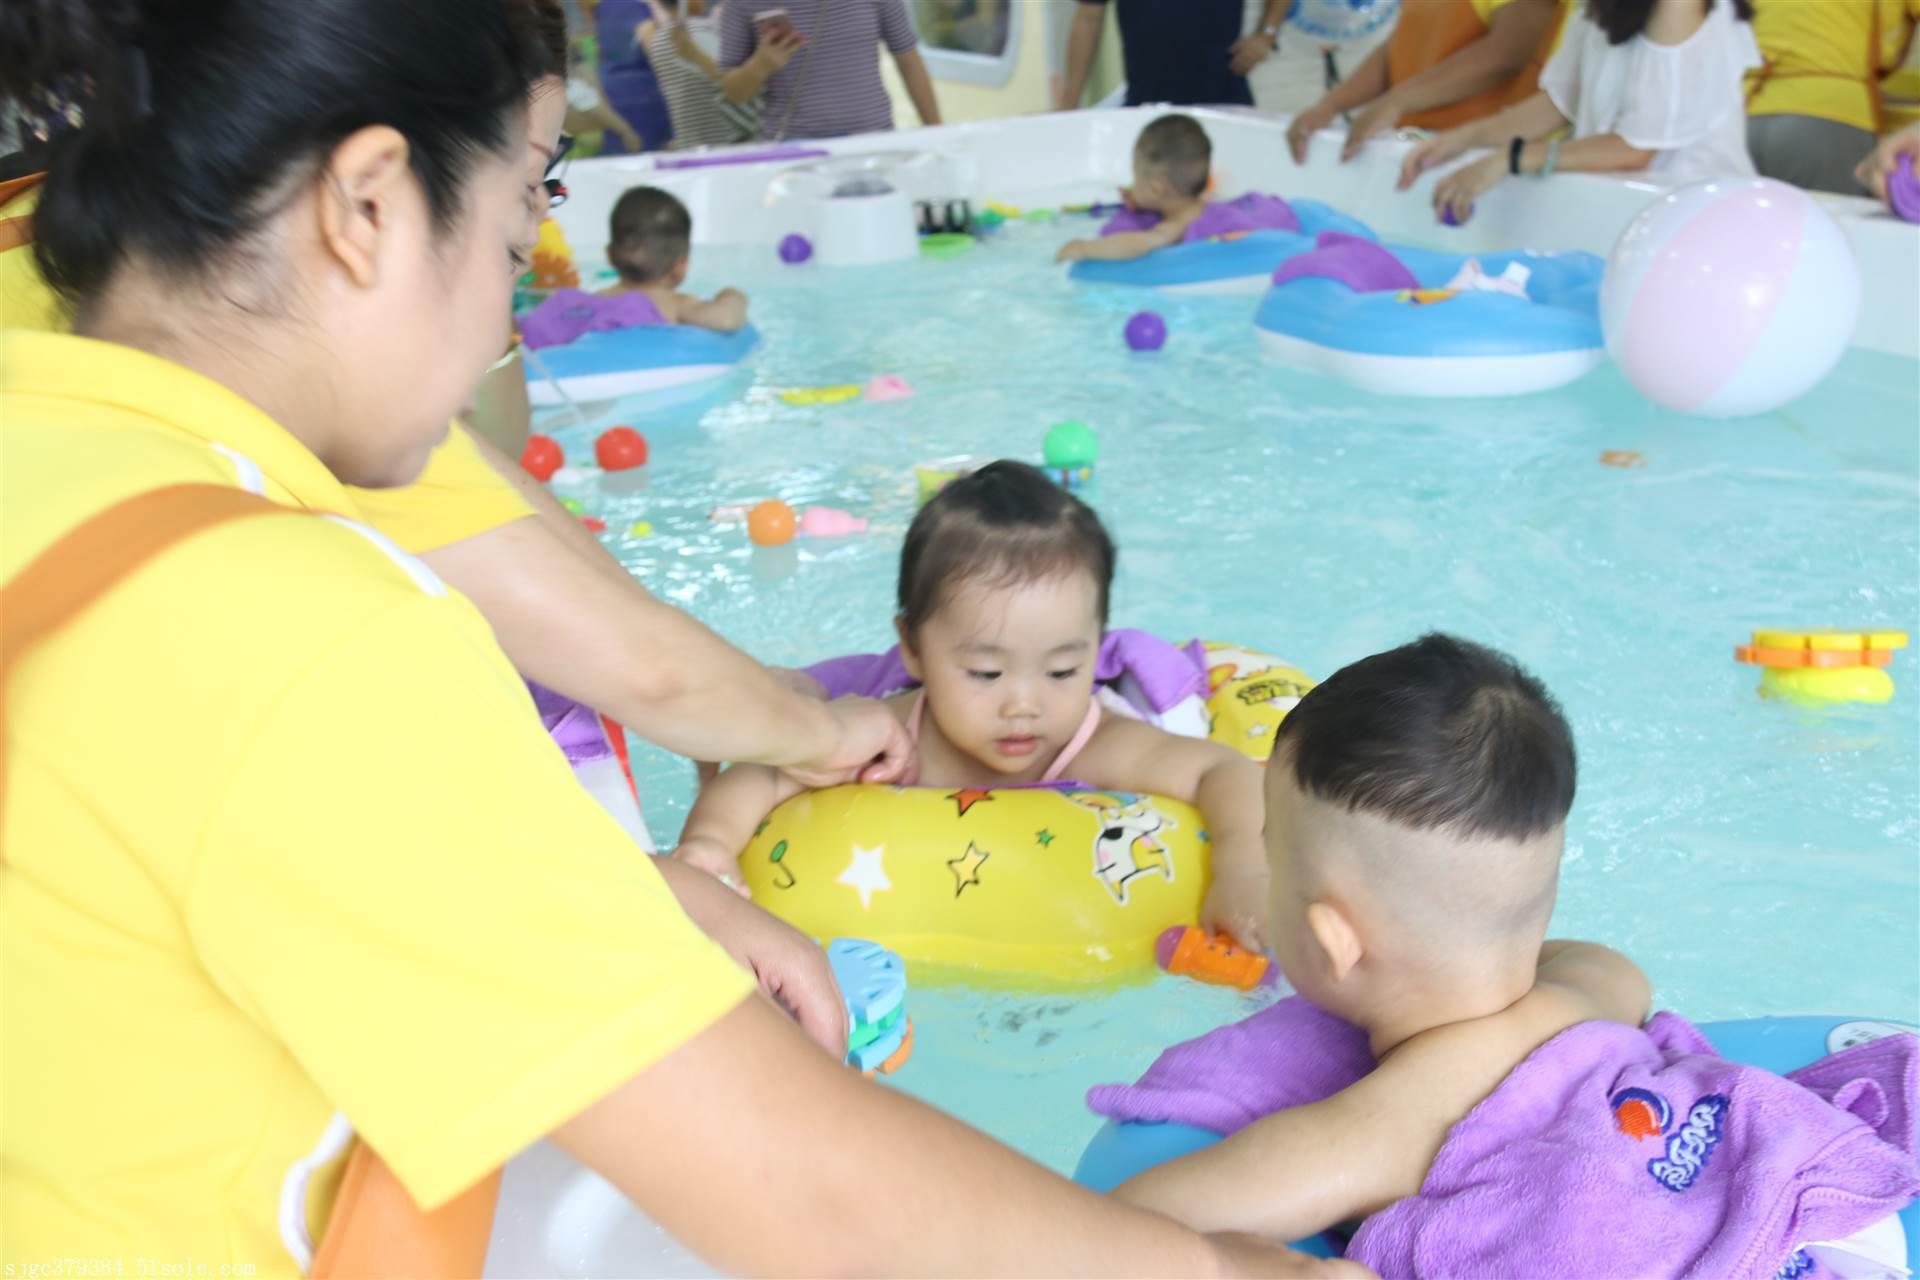 鱼乐贝贝加盟店独特的运营方式,宝宝游泳馆加盟